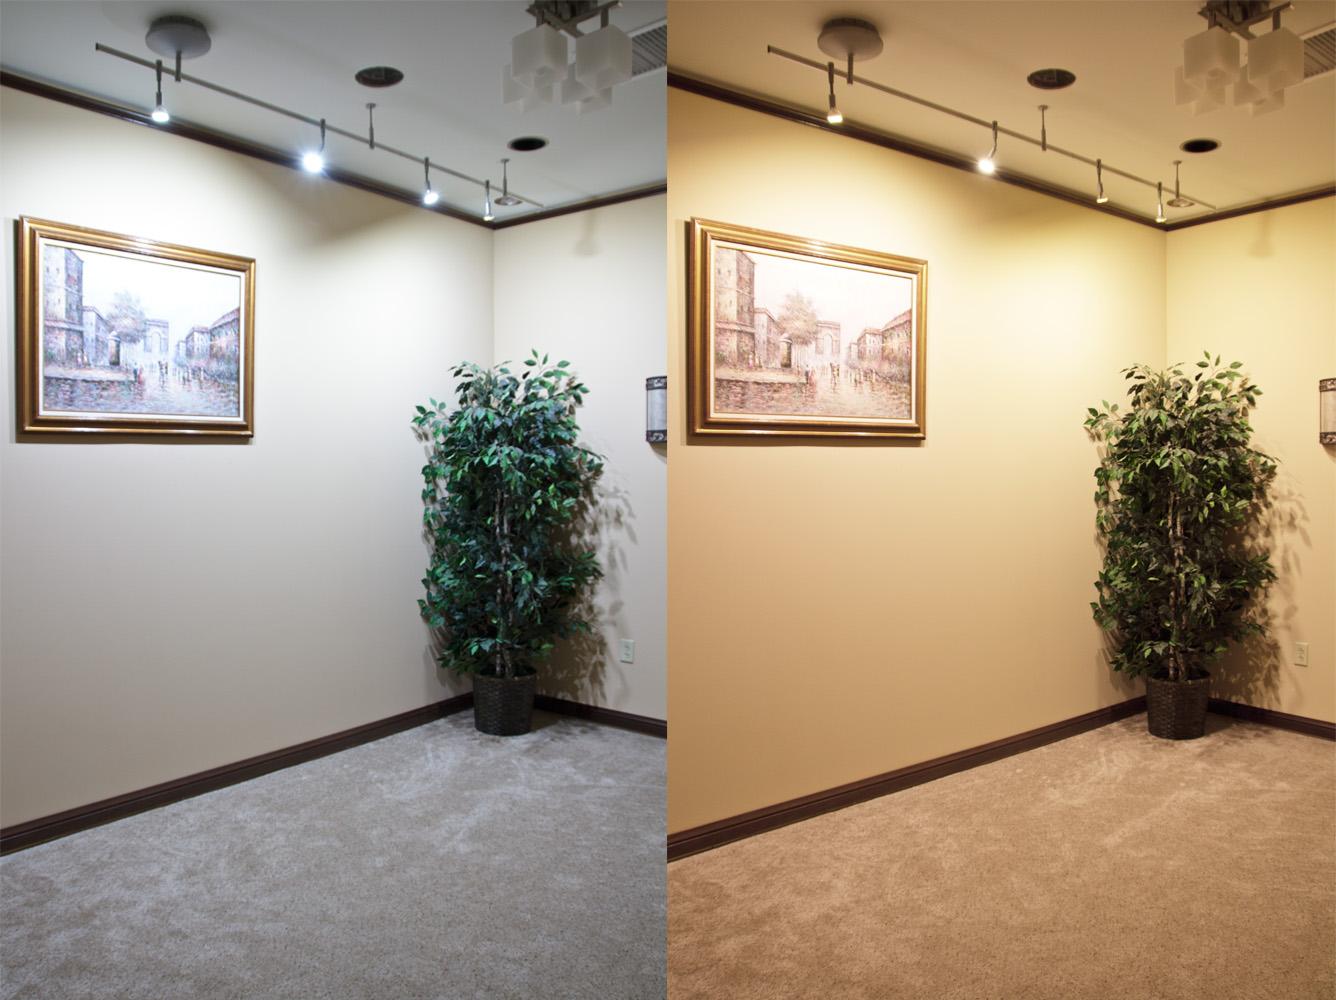 Cool white vs warm white led lights - Cool White Vs Warm White